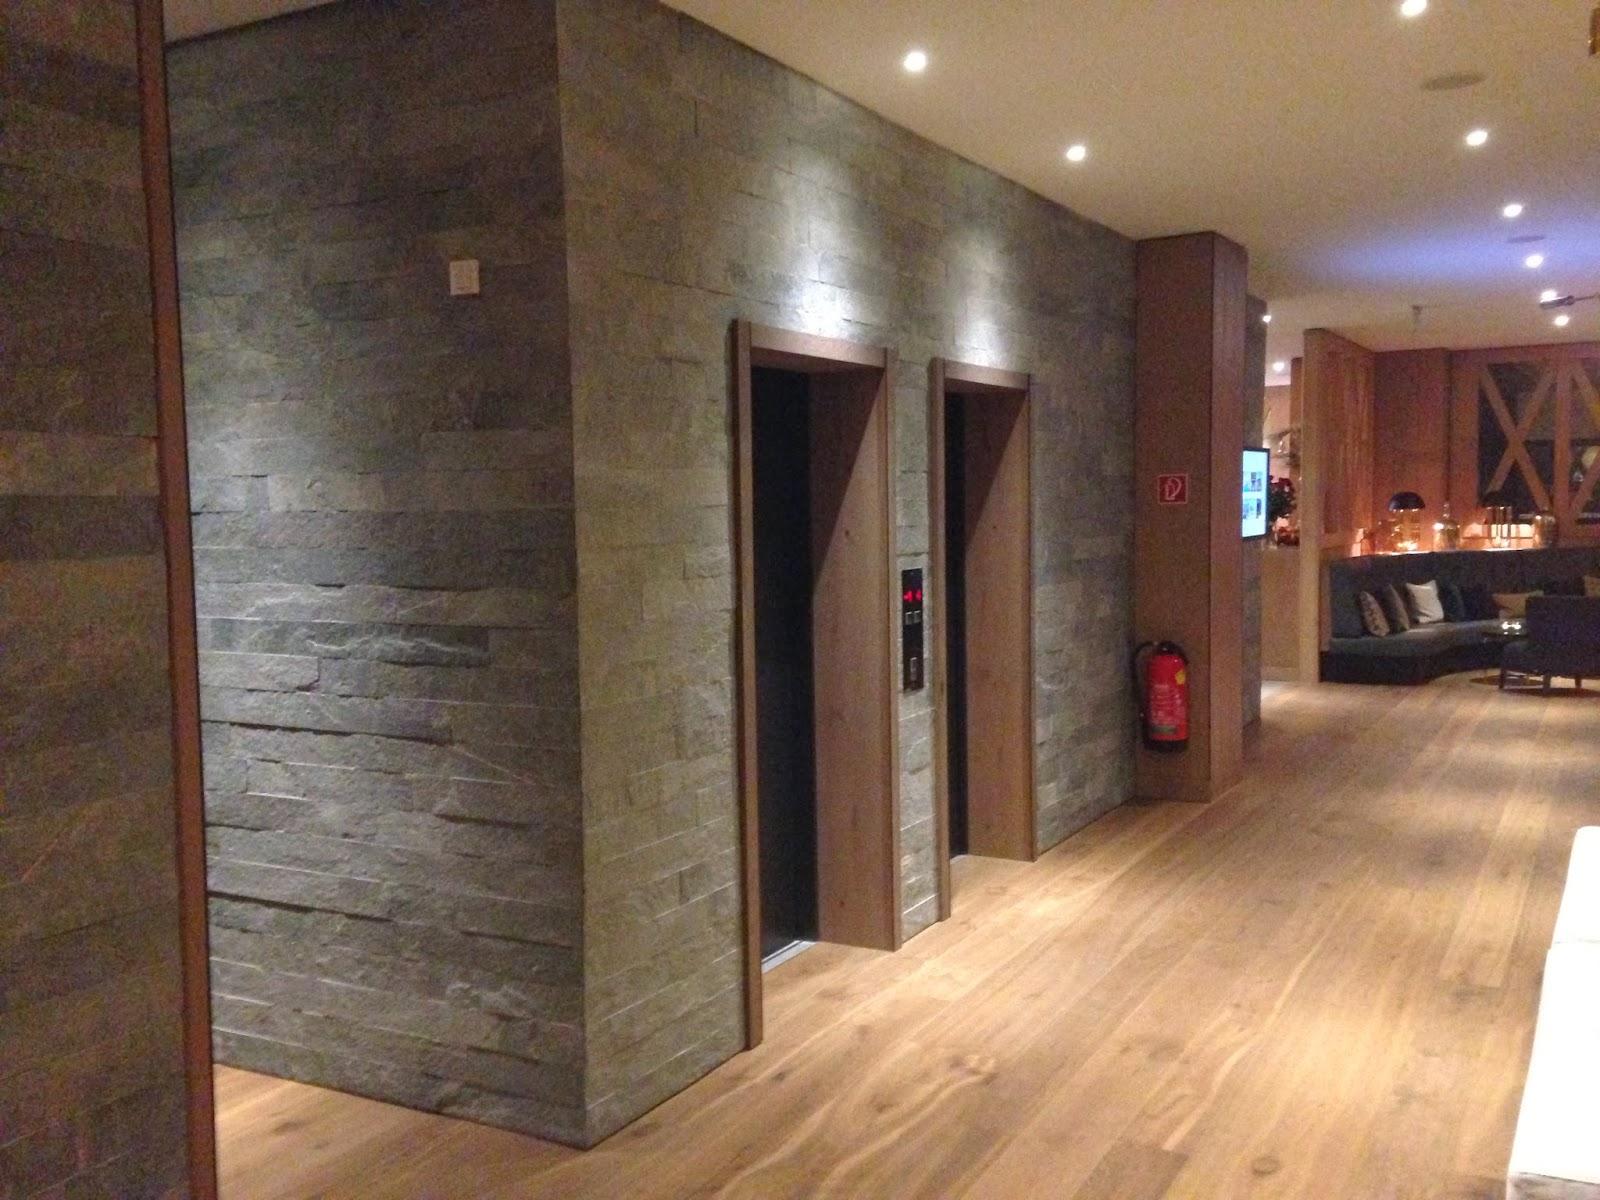 hoteltraum geheimtipp l wen hotel montafon schruns sterreich. Black Bedroom Furniture Sets. Home Design Ideas